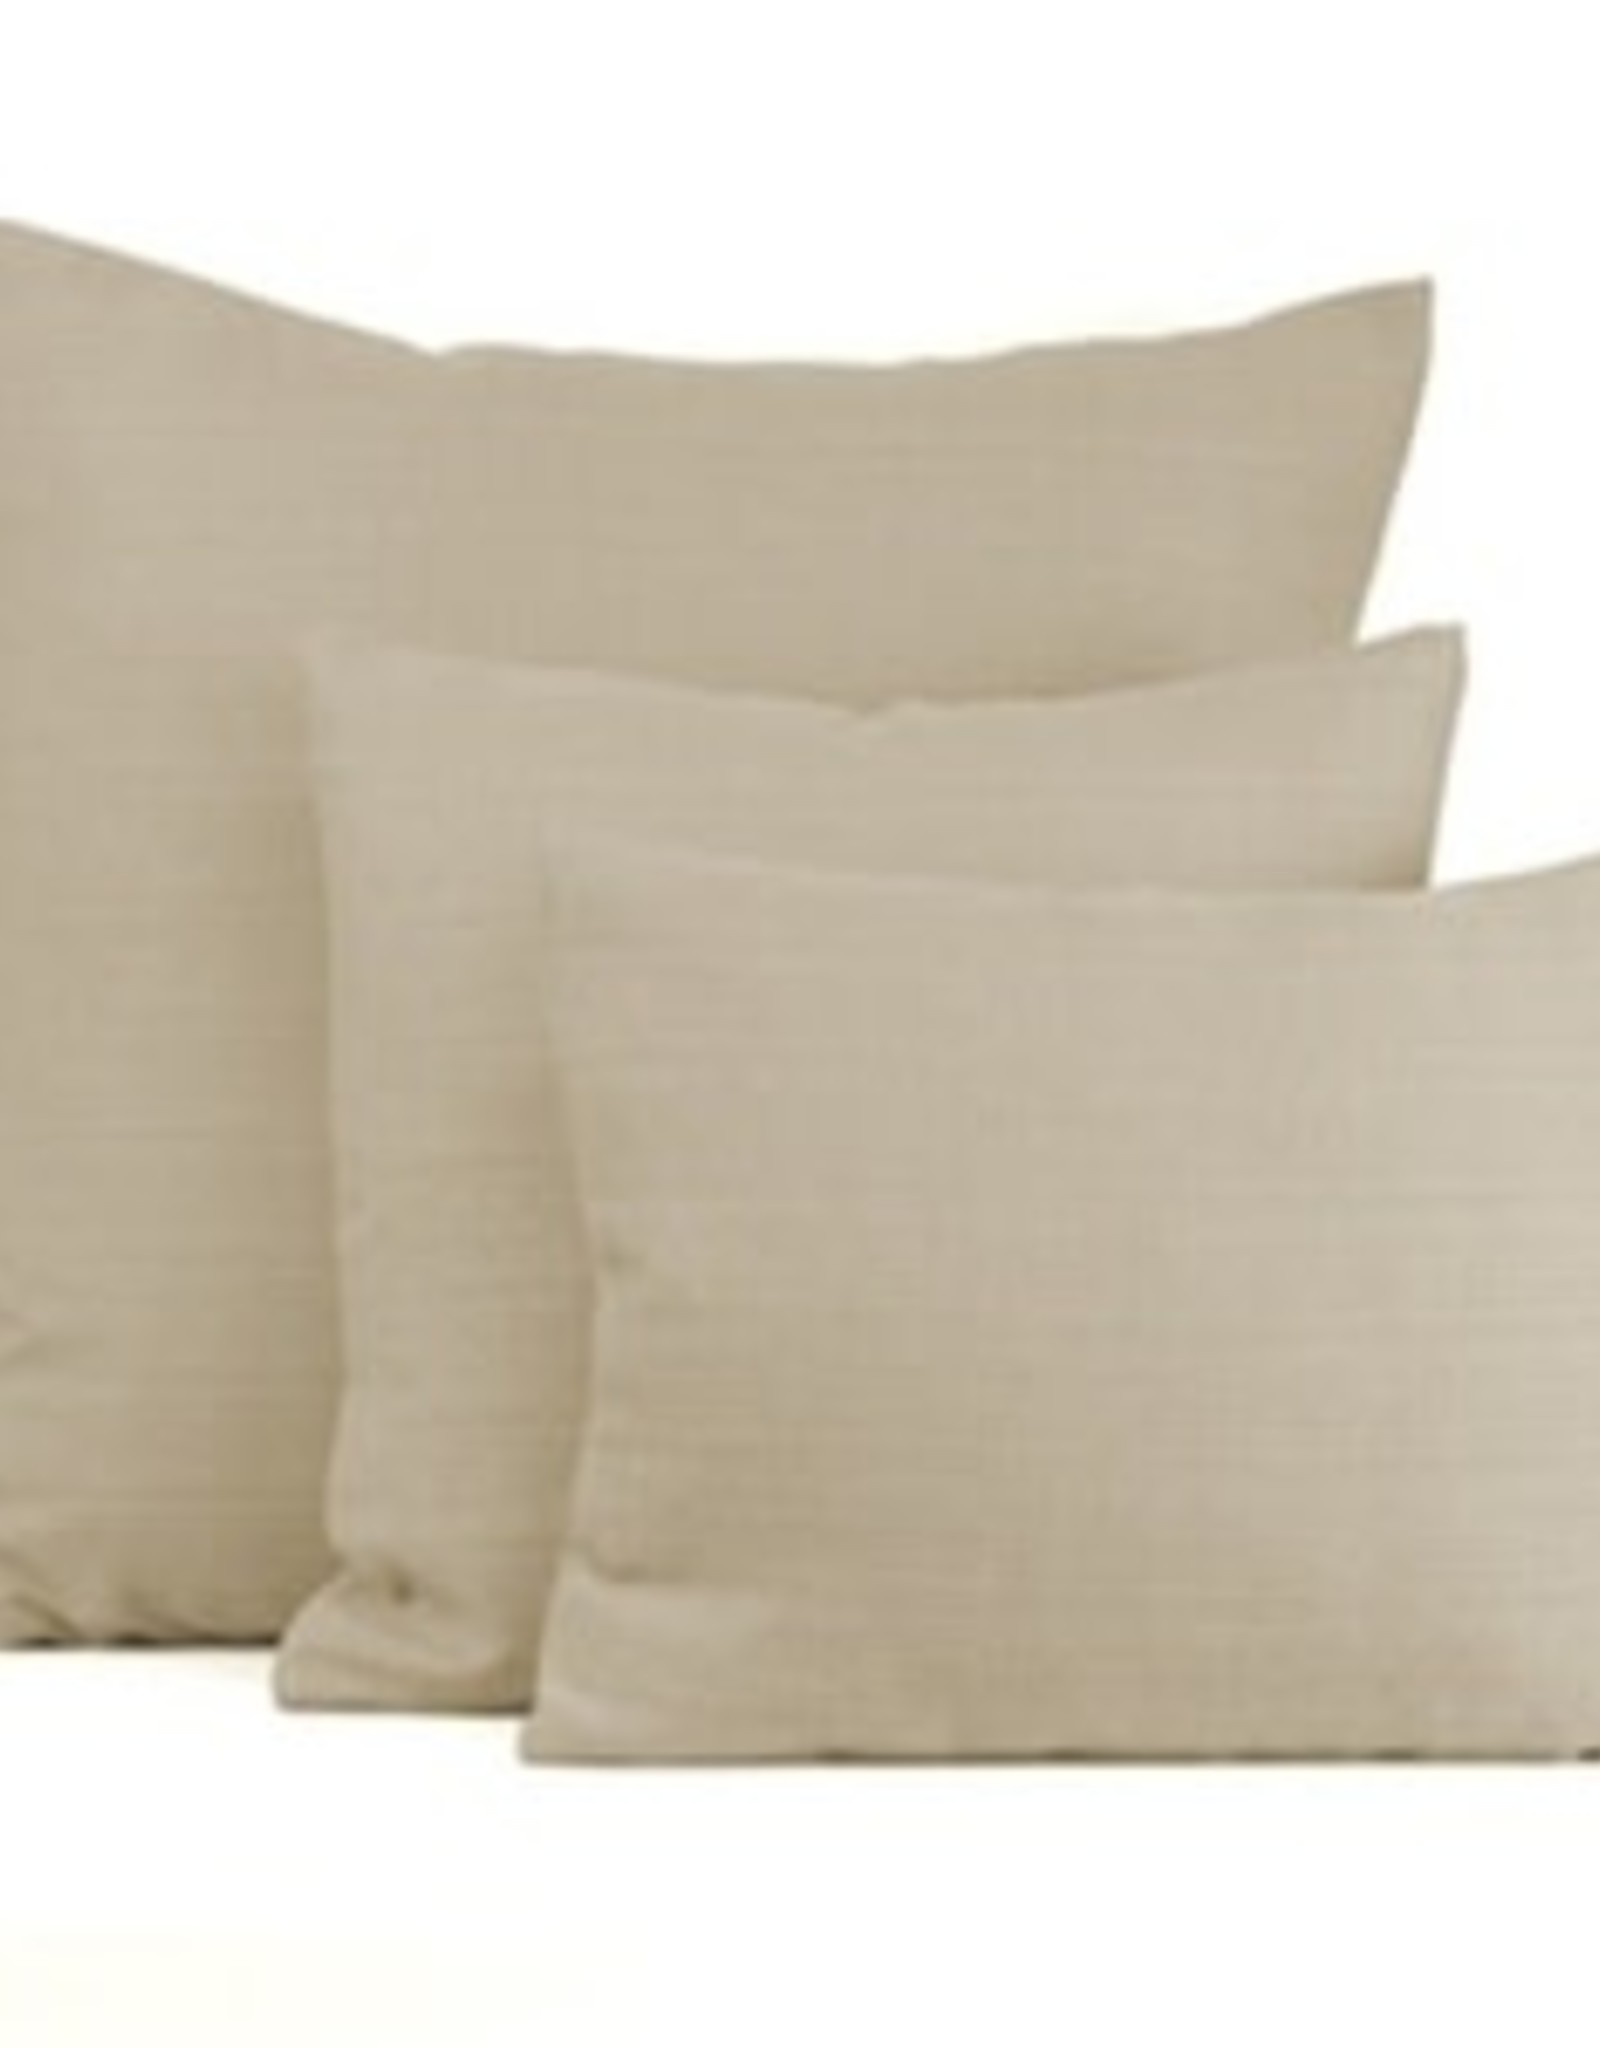 Daniadown Cushions Daniadown Faux Linen Cloud 14 x 22